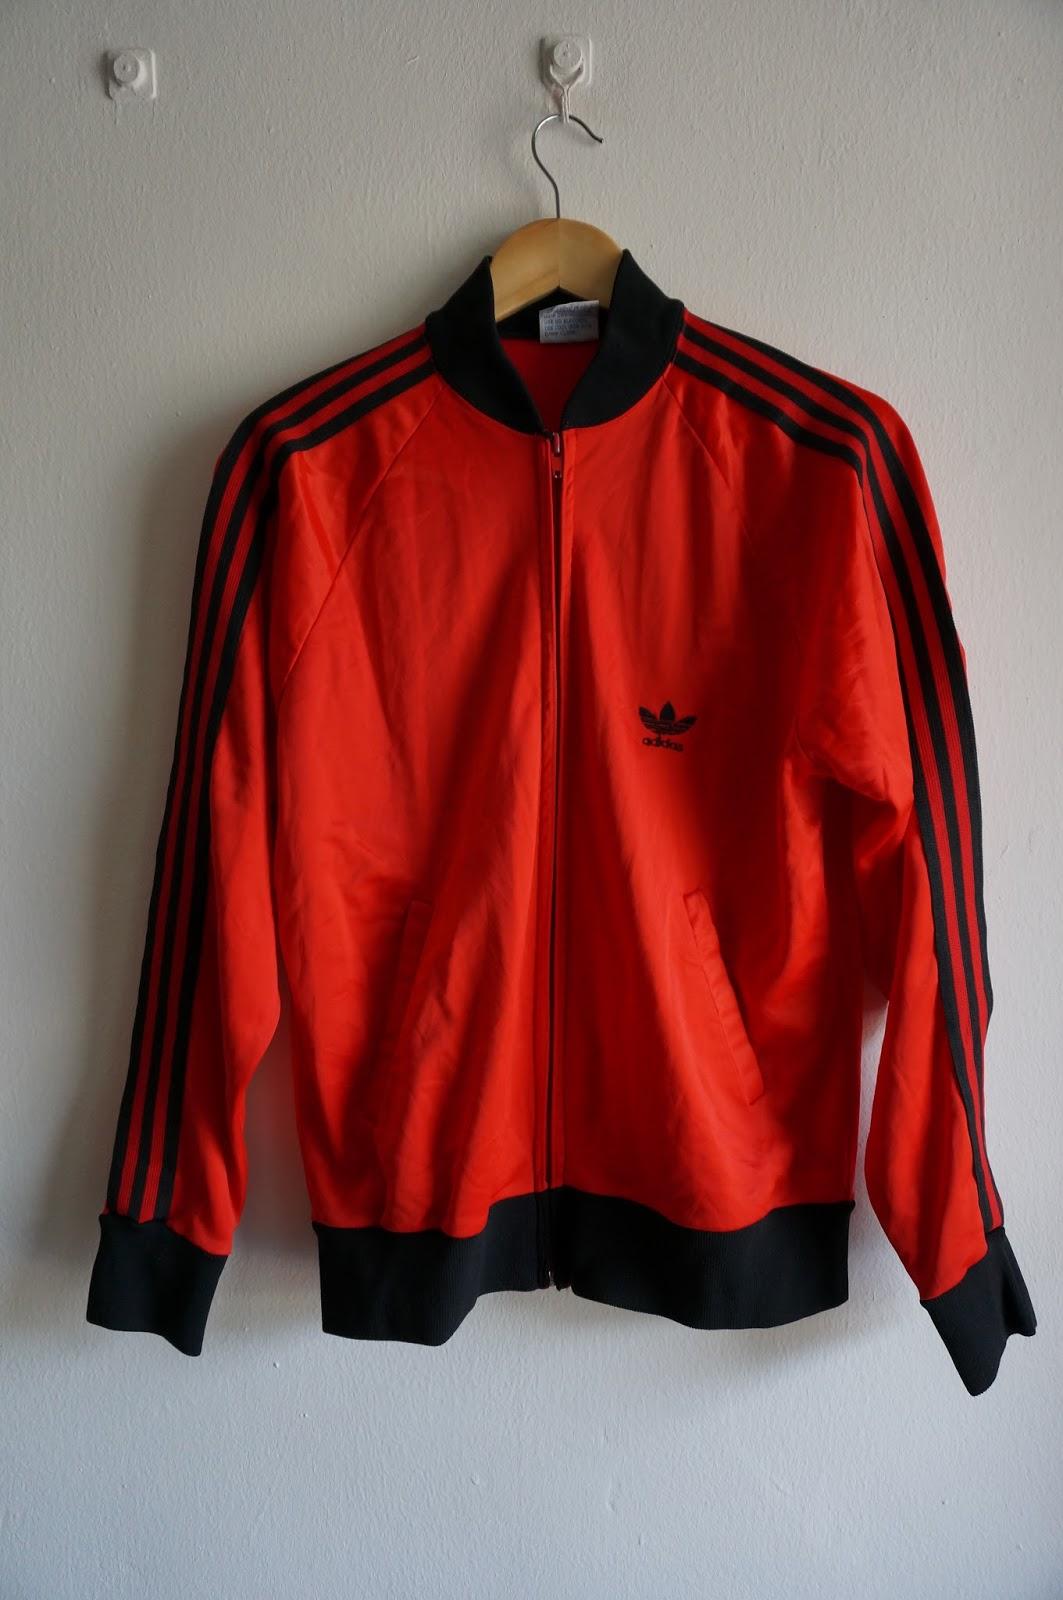 jaket adidas merah - photo #19